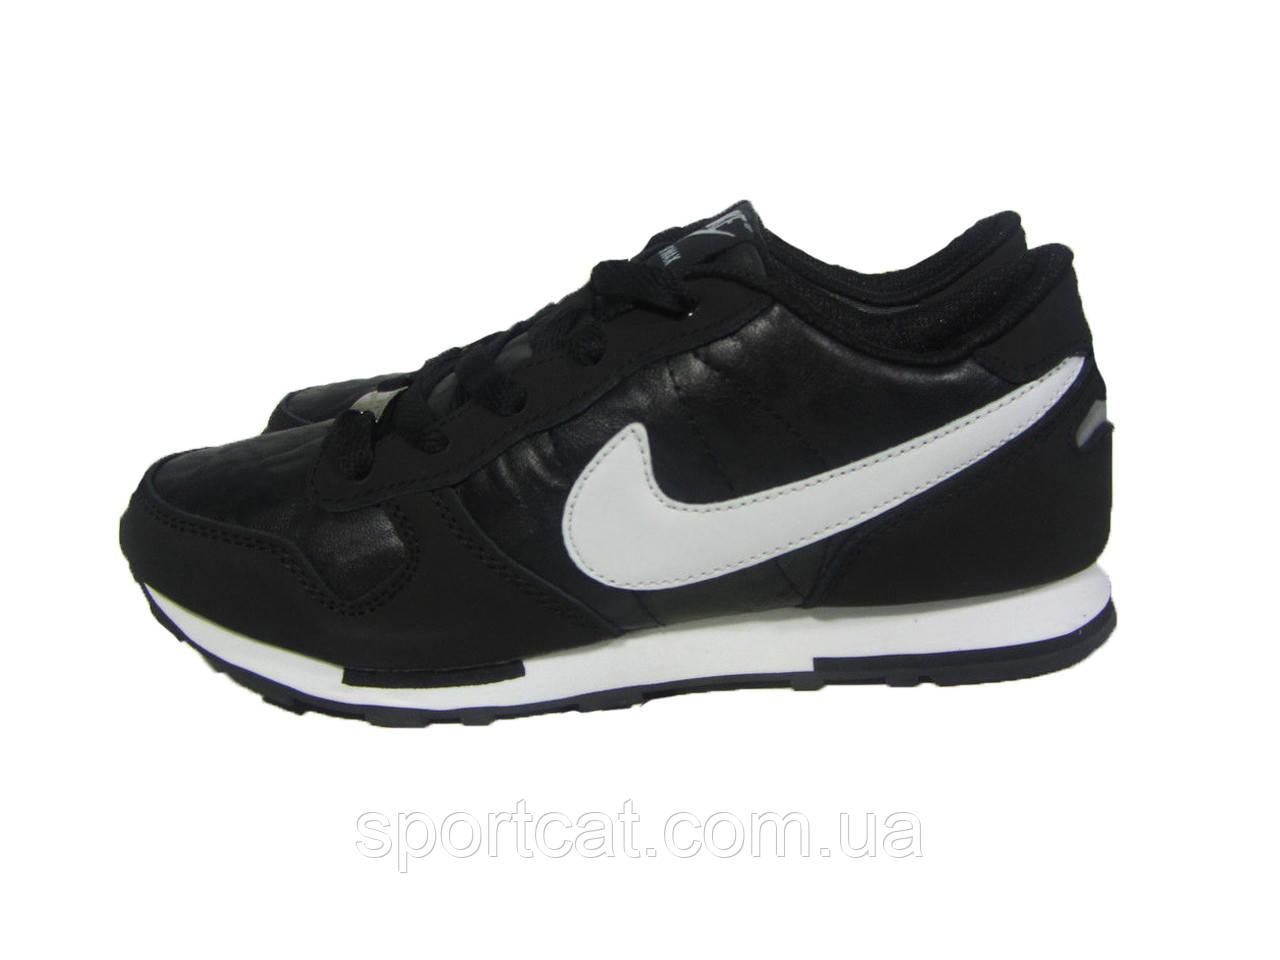 8ef4c381 Мужские повседневные кроссовки Nike, кожа, нубук, Р. 46 от интернет ...